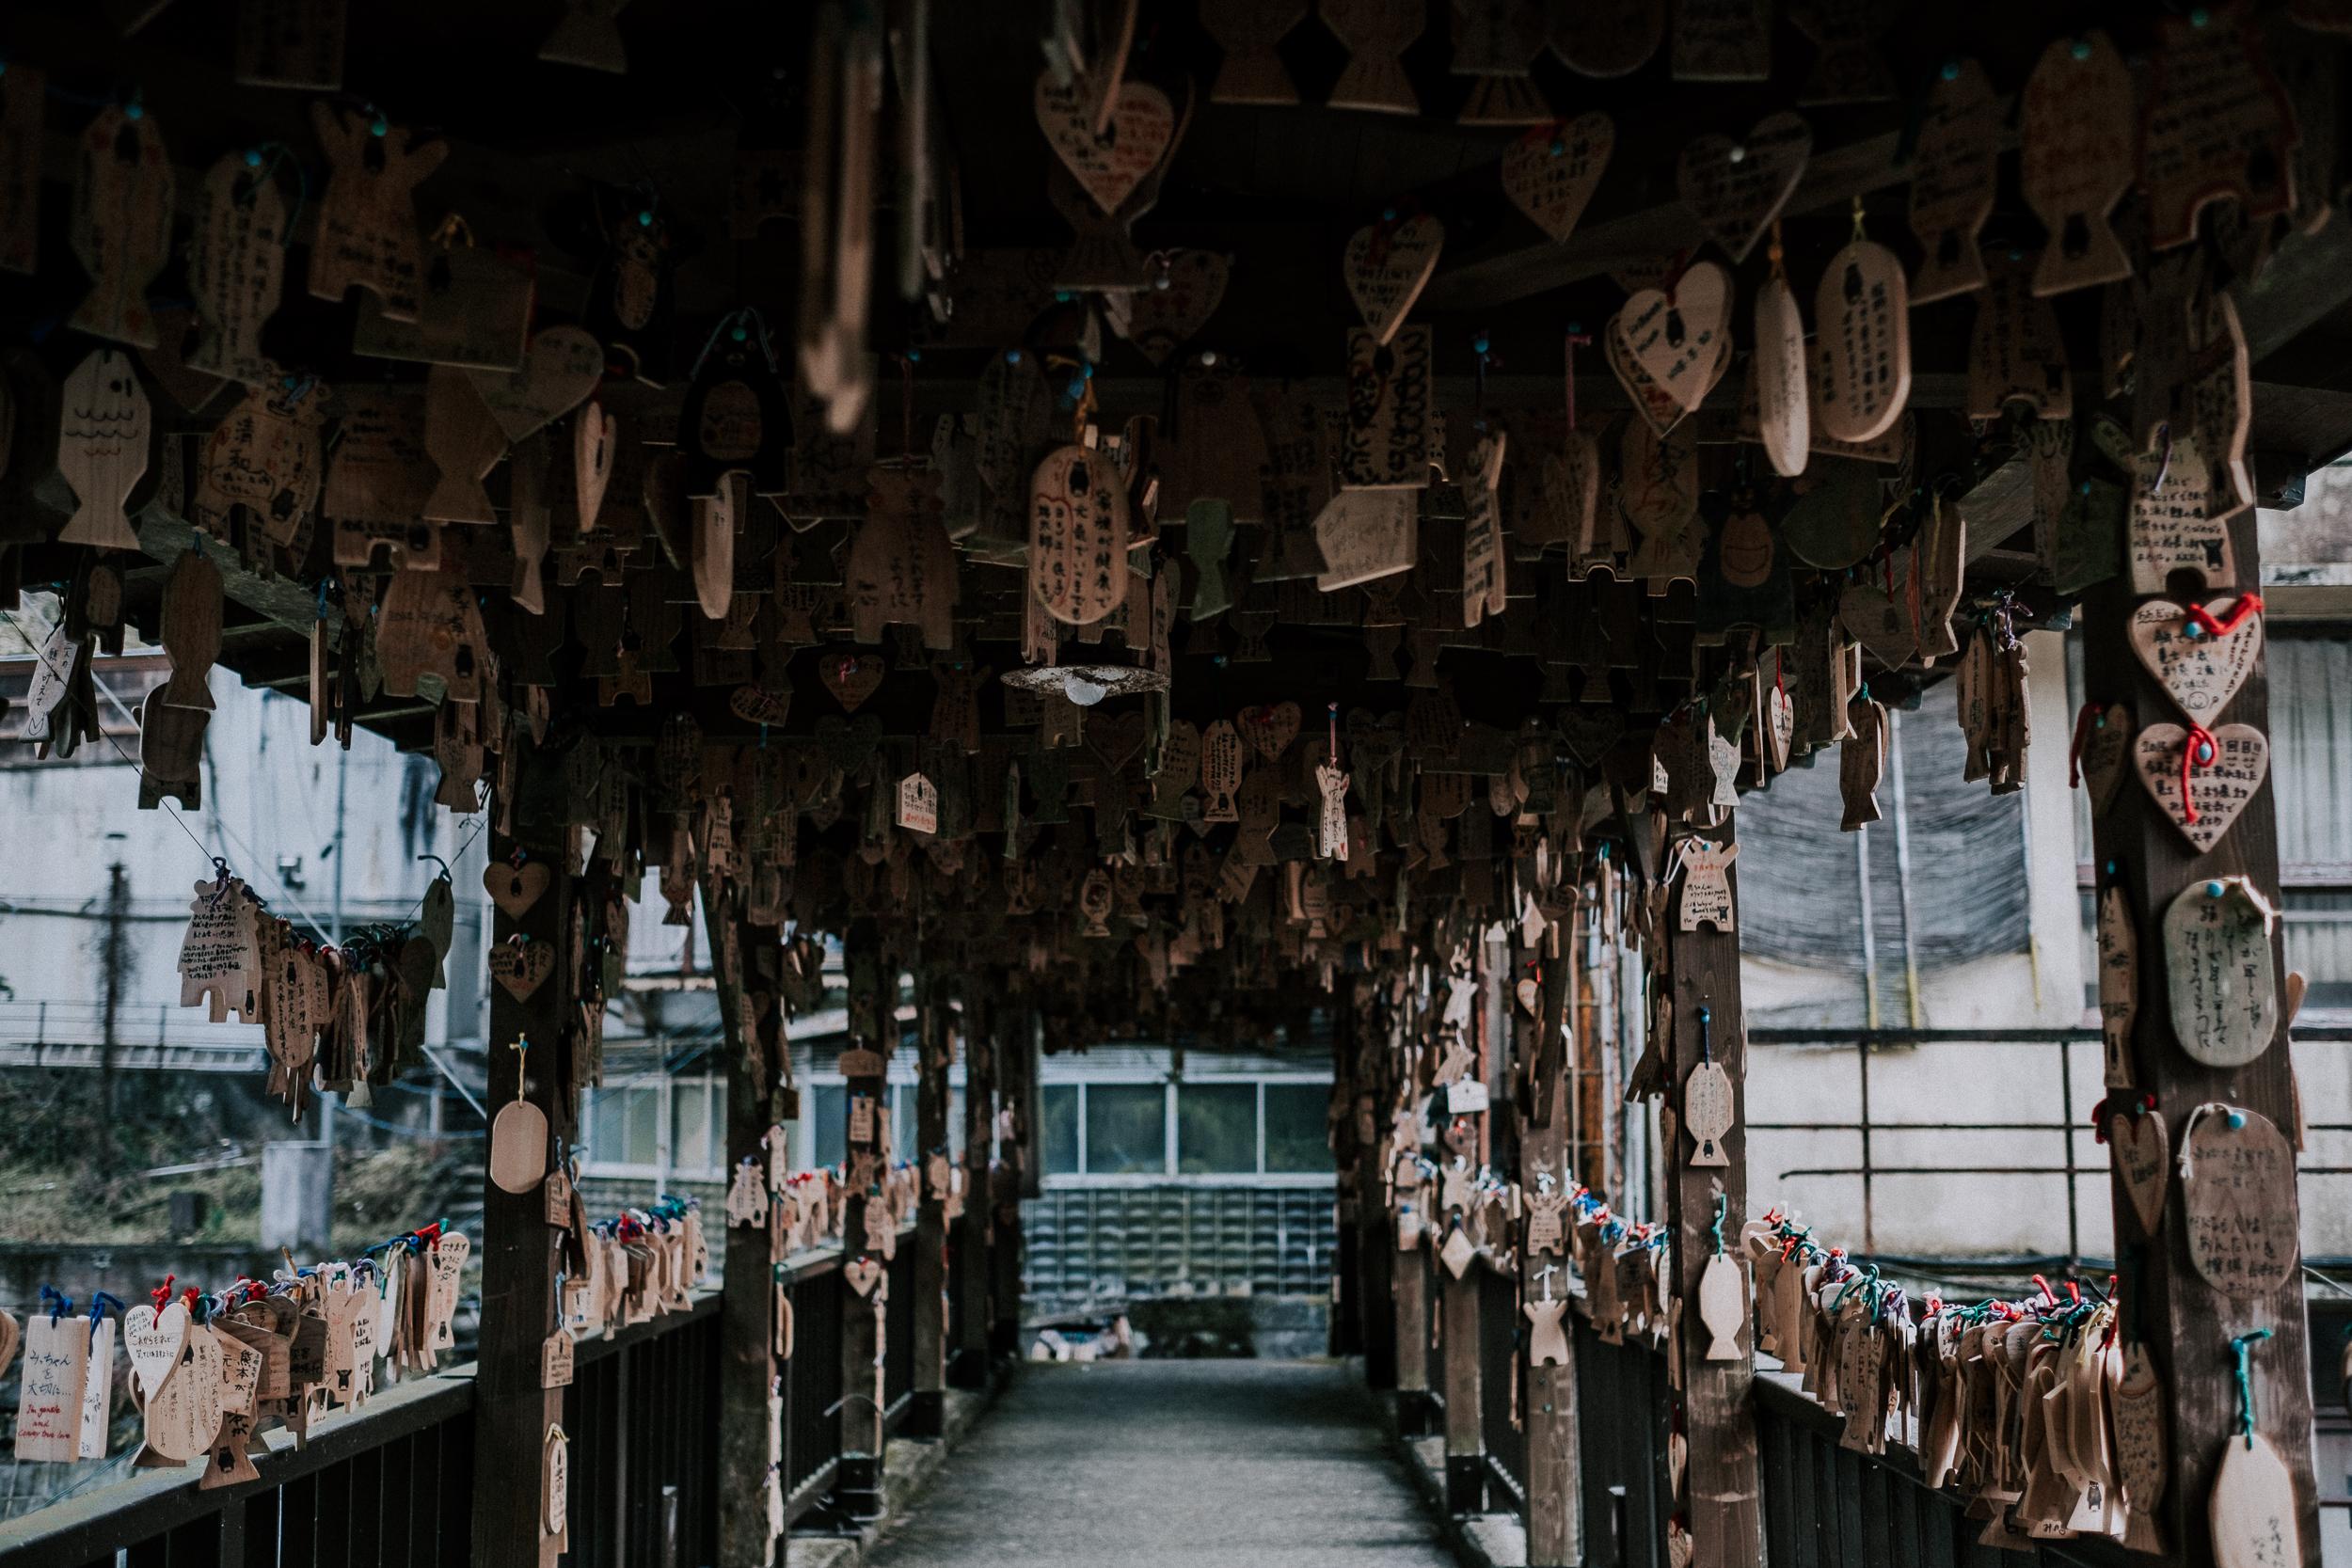 Prayers and wishes in a bridge over Kurokawa.